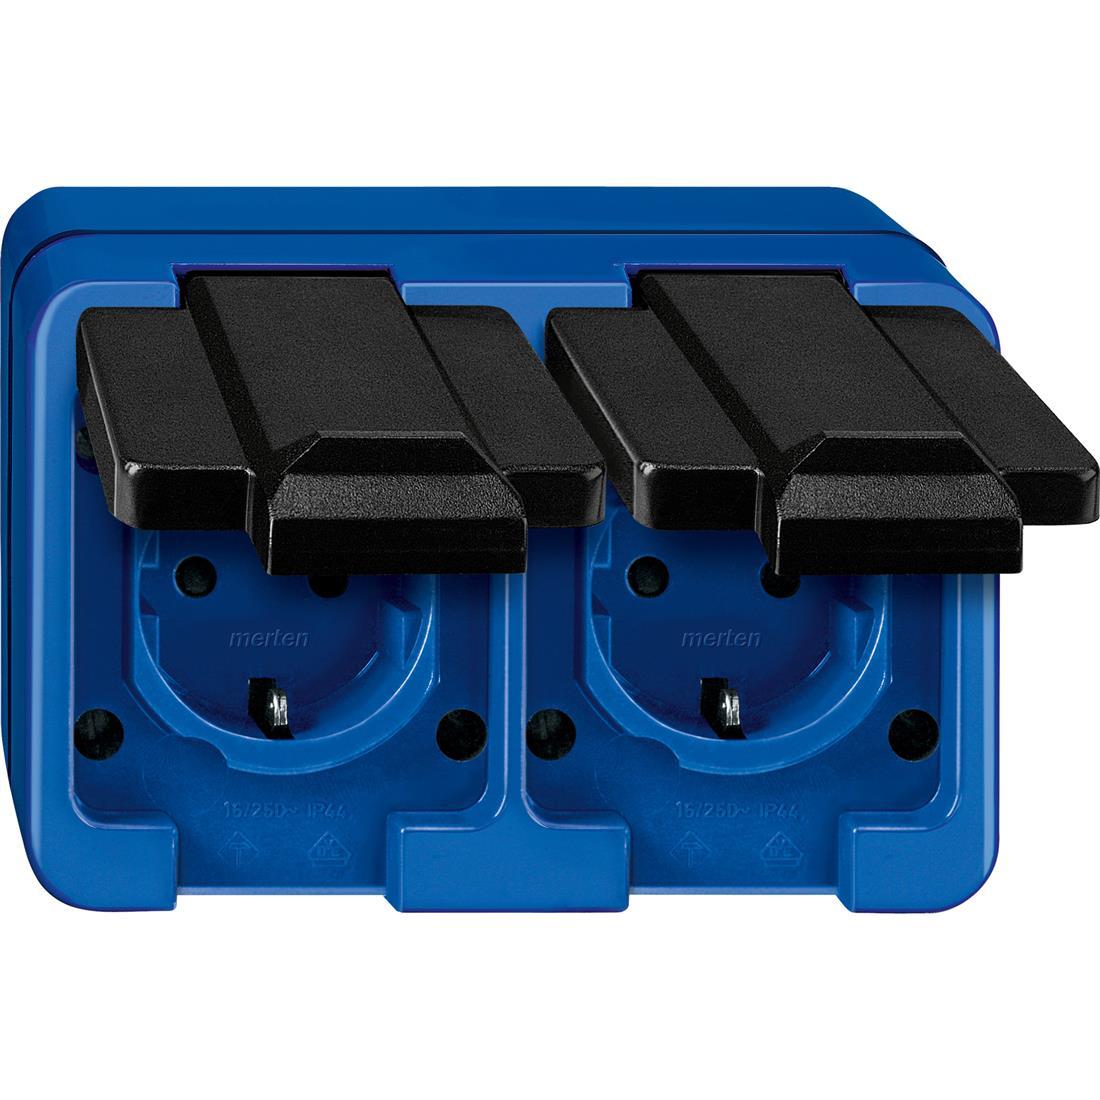 Schneider-Merten Slagvast 2-voudig wandcontactdoos horizontaal - blauw (229275)